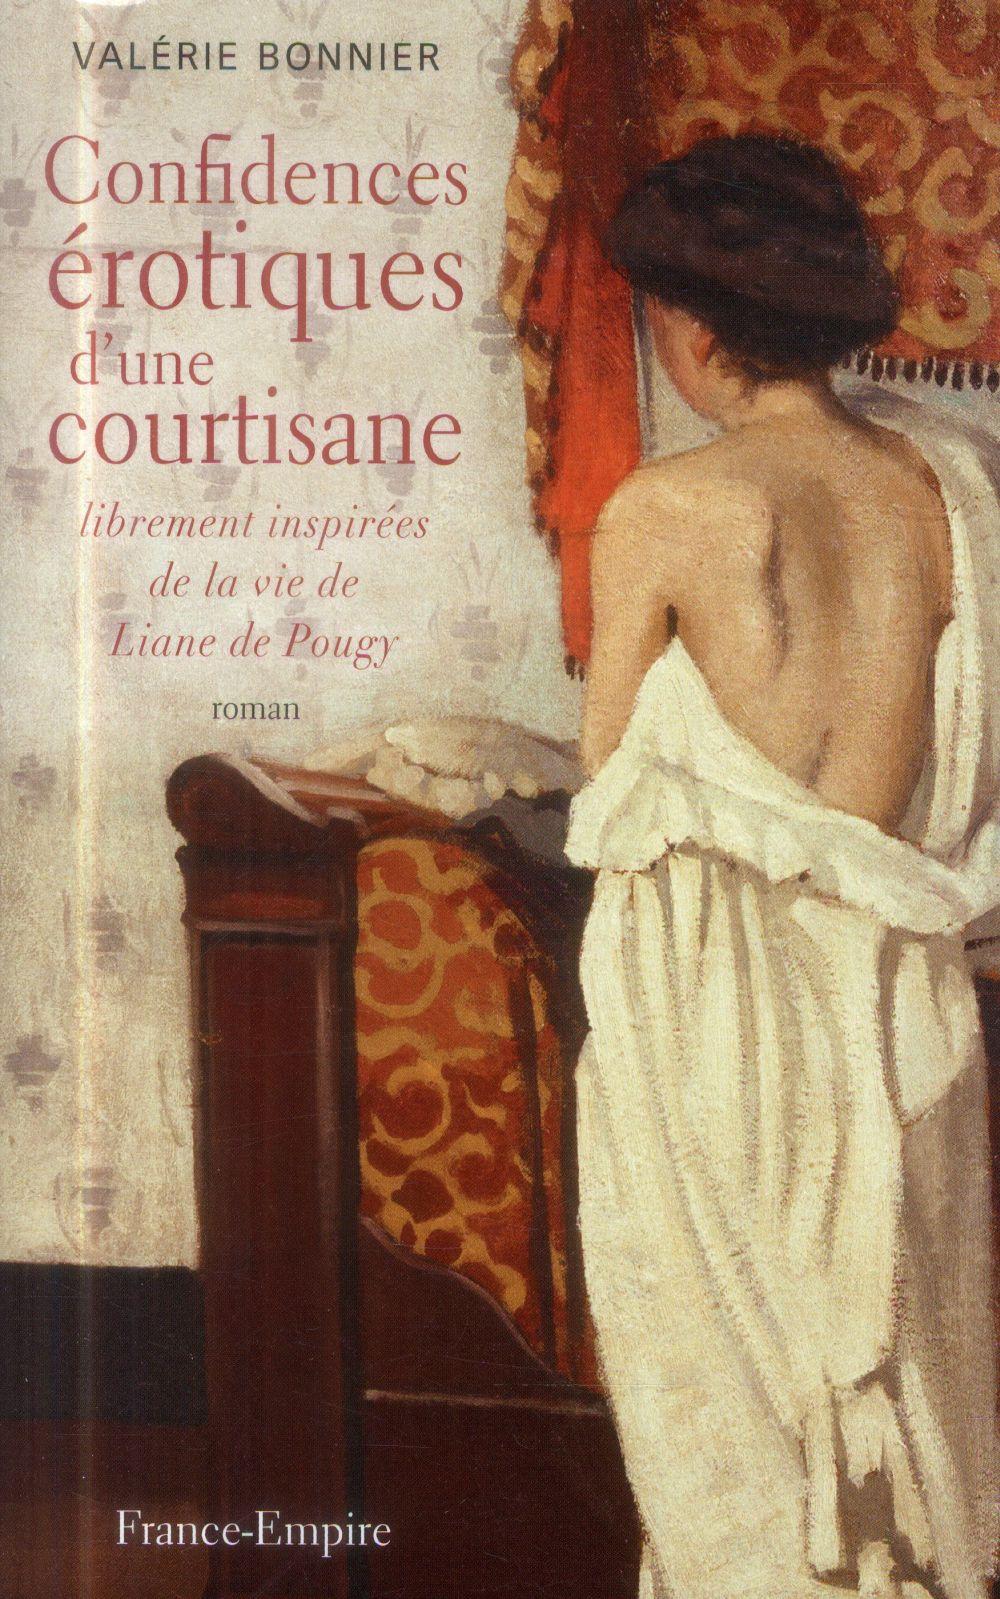 Confidences érotiques d'une courtisane